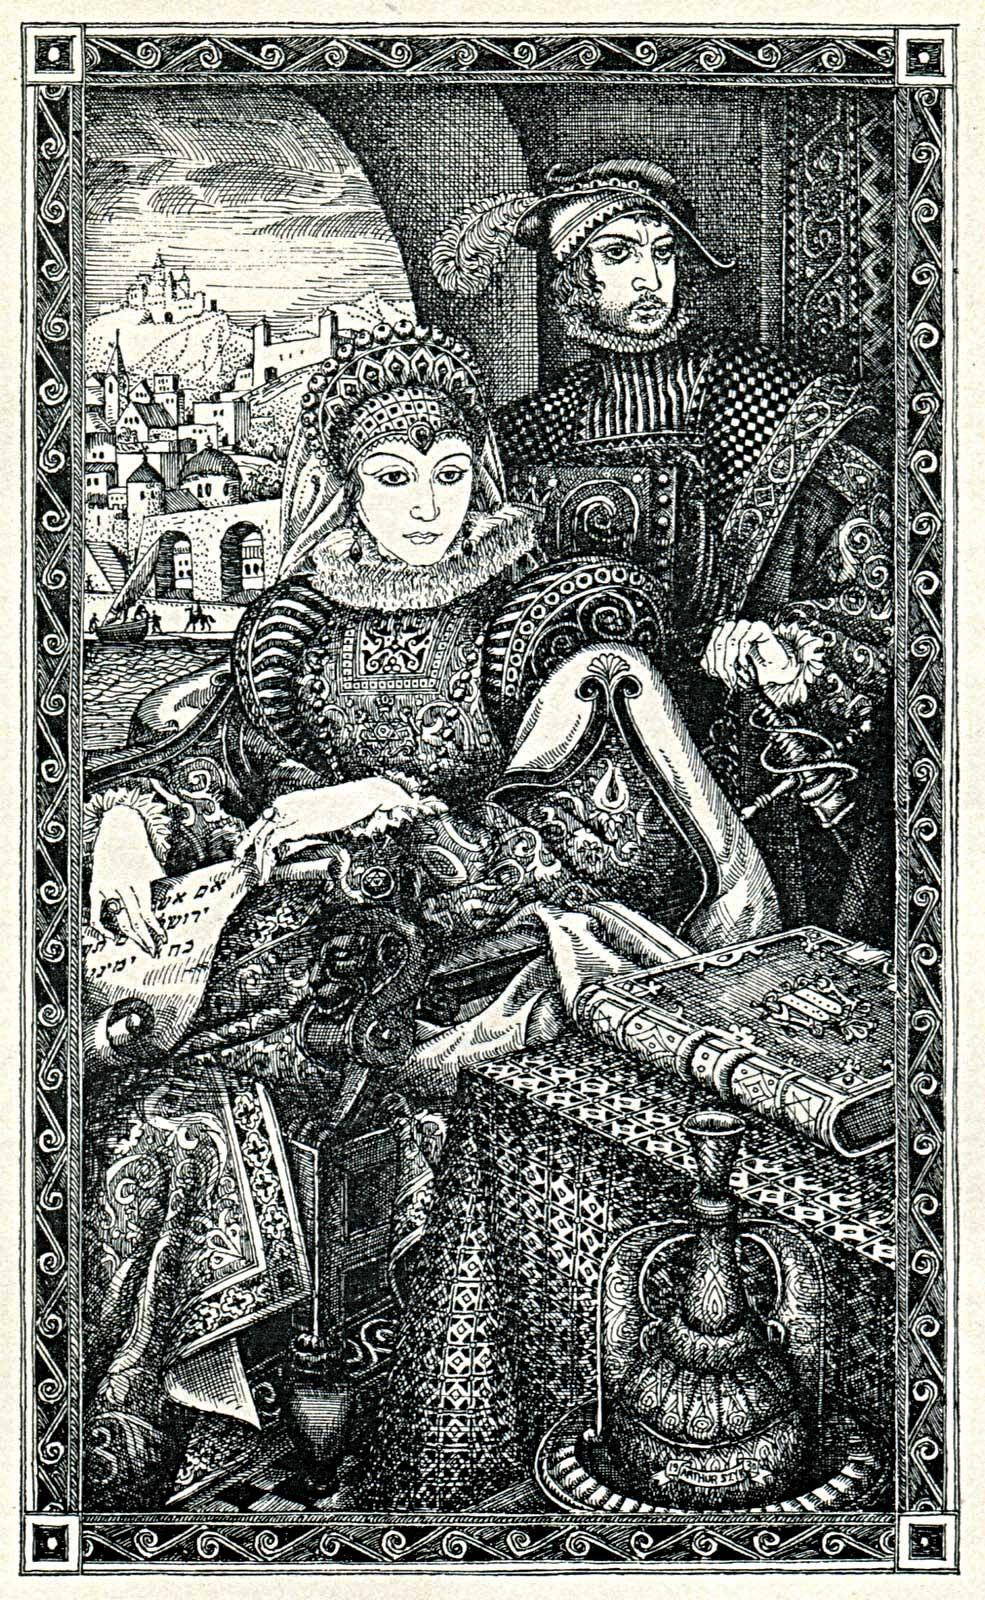 Arthur Szyk's engraving of Donna Gracia Mendes and her nephew Joseph Nasi, Duke of Naxos